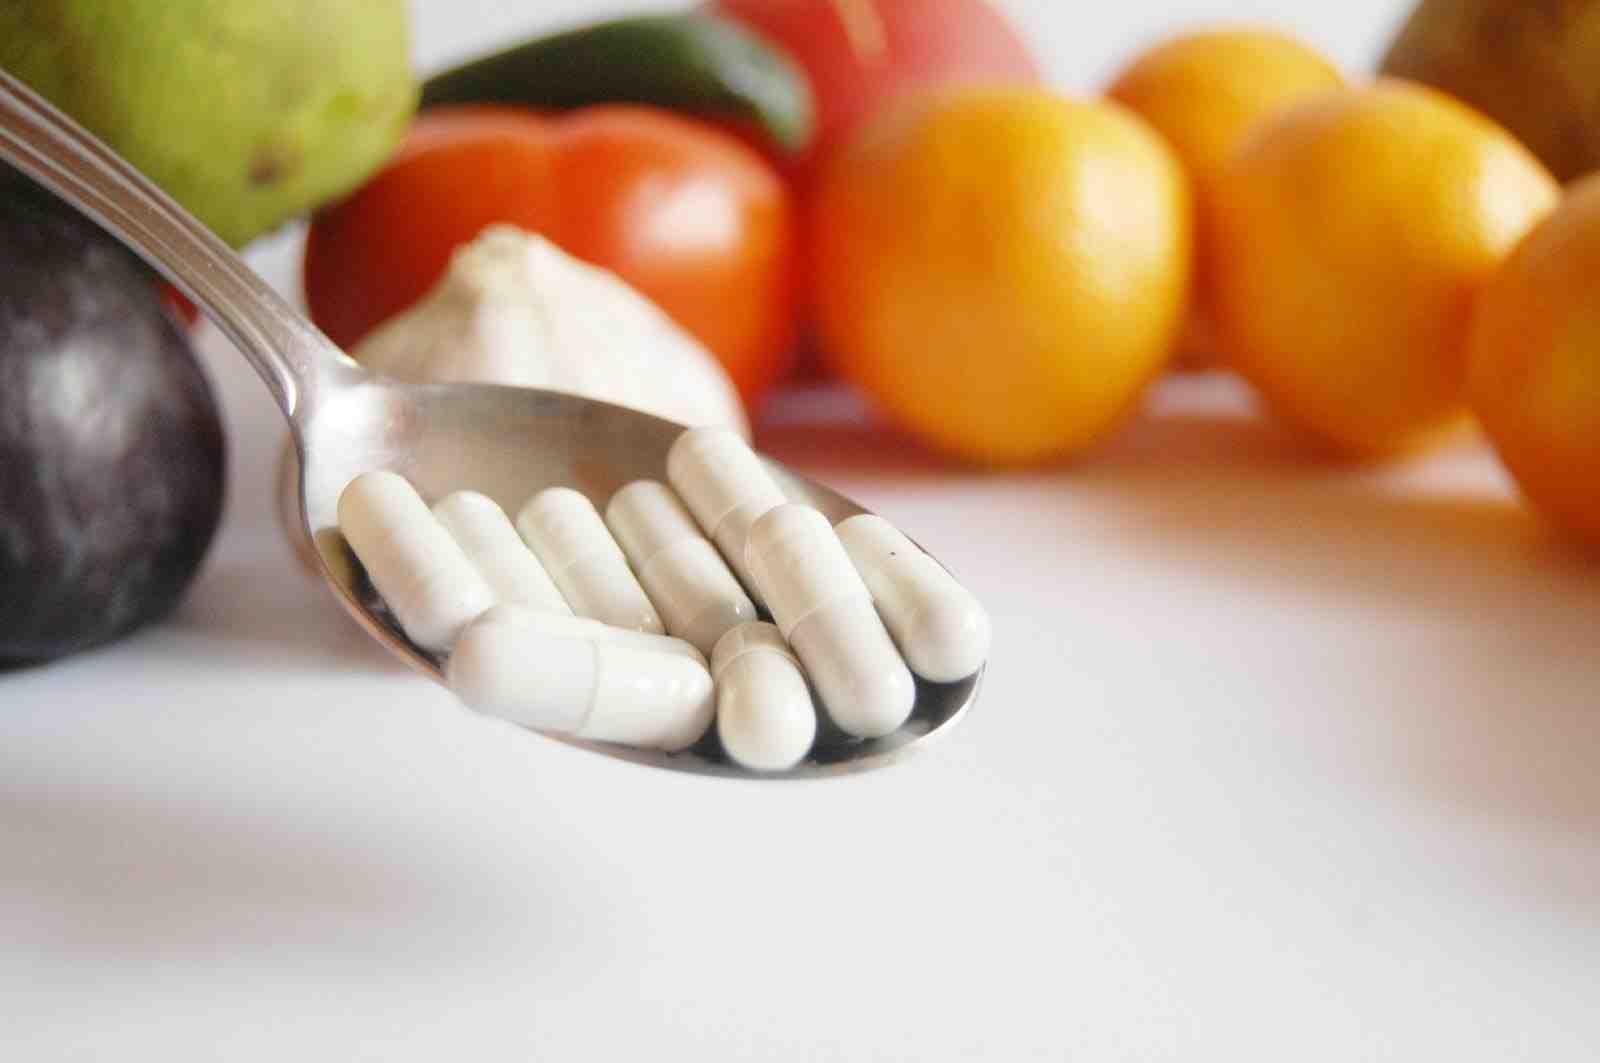 Quels sont les médicaments les plus efficaces contre l'arthrose?